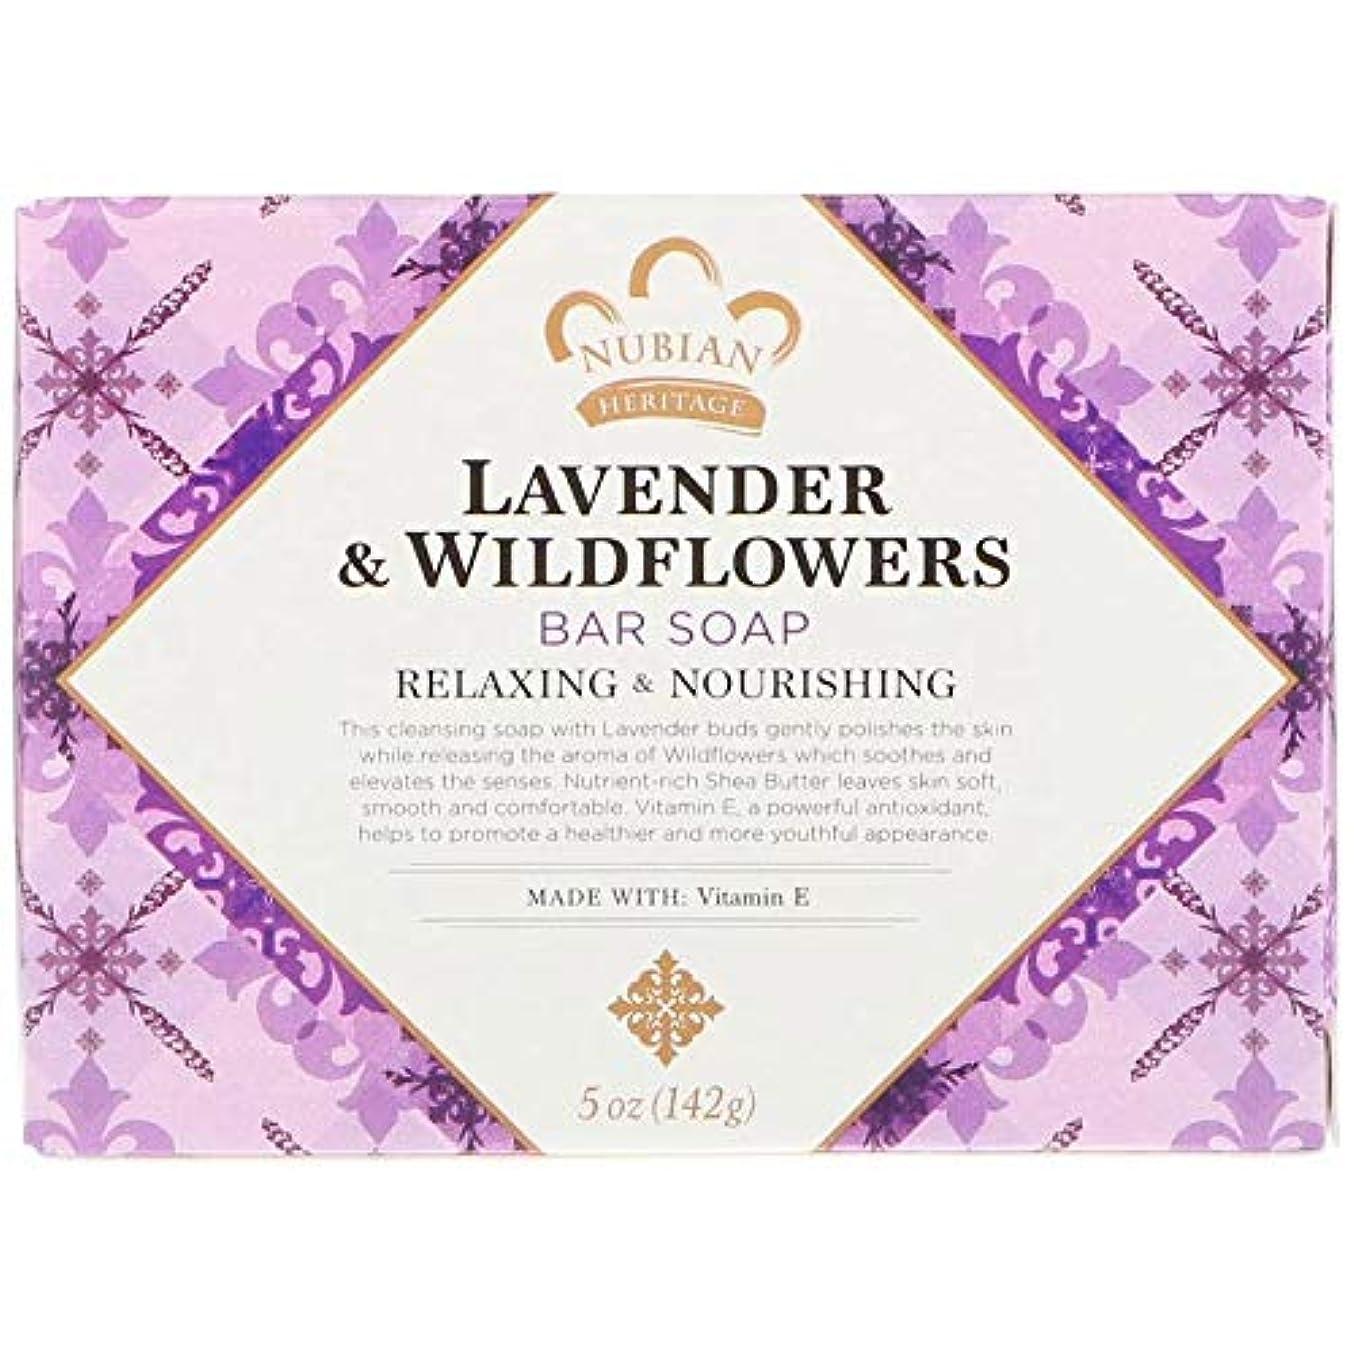 起業家変装したウイルスシアバターソープ石鹸 ラベンダー&ワイルドフラワー Lavender & Wildflowers Bar Soap, 5 oz (142 g) [並行輸入品]